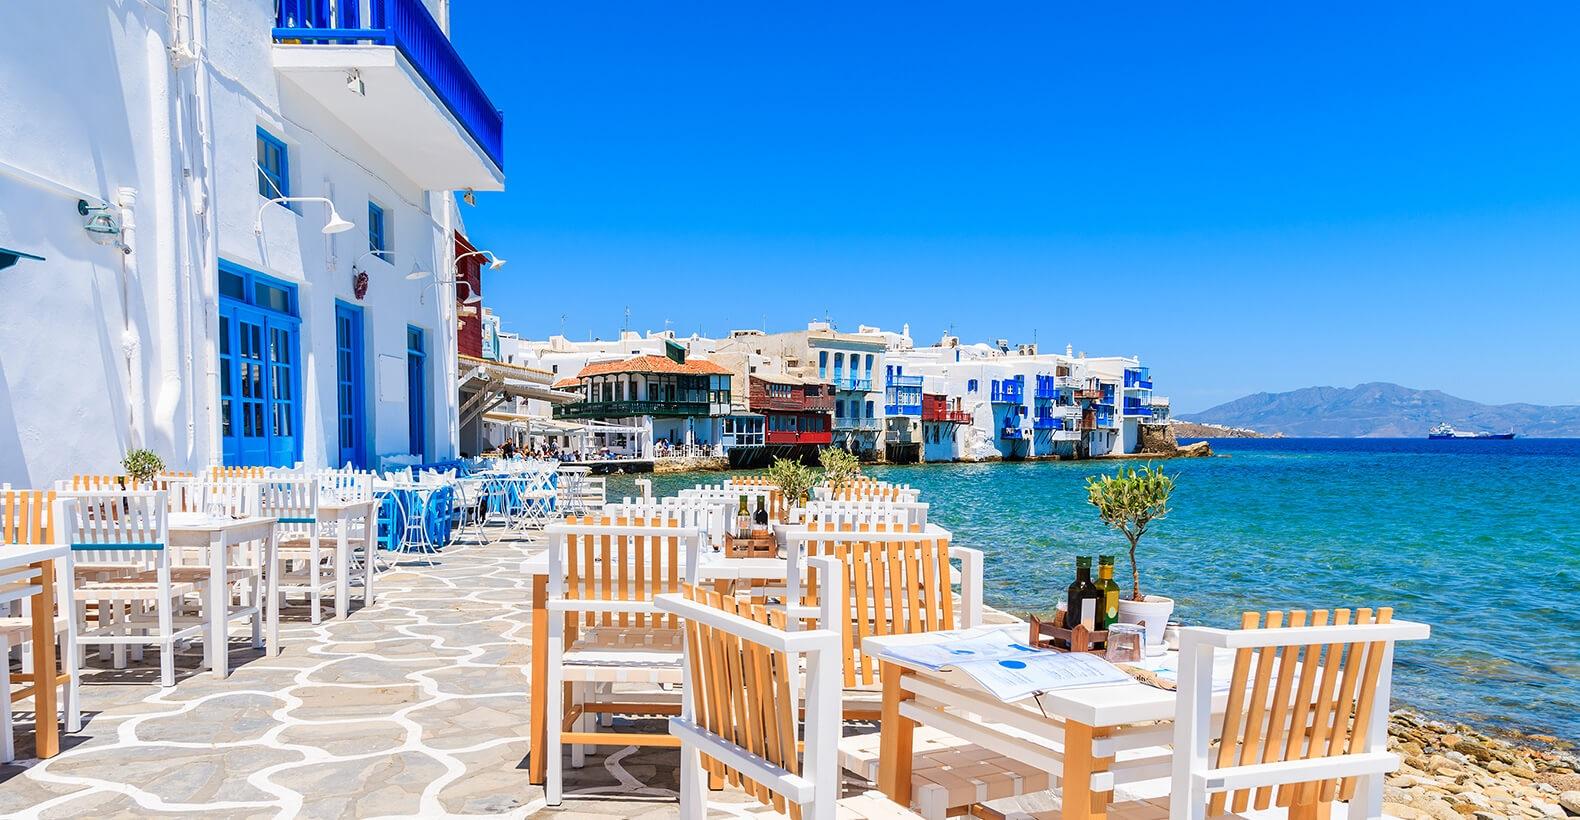 Yunanistan Eğlence Hayatı ve Mekanları 2